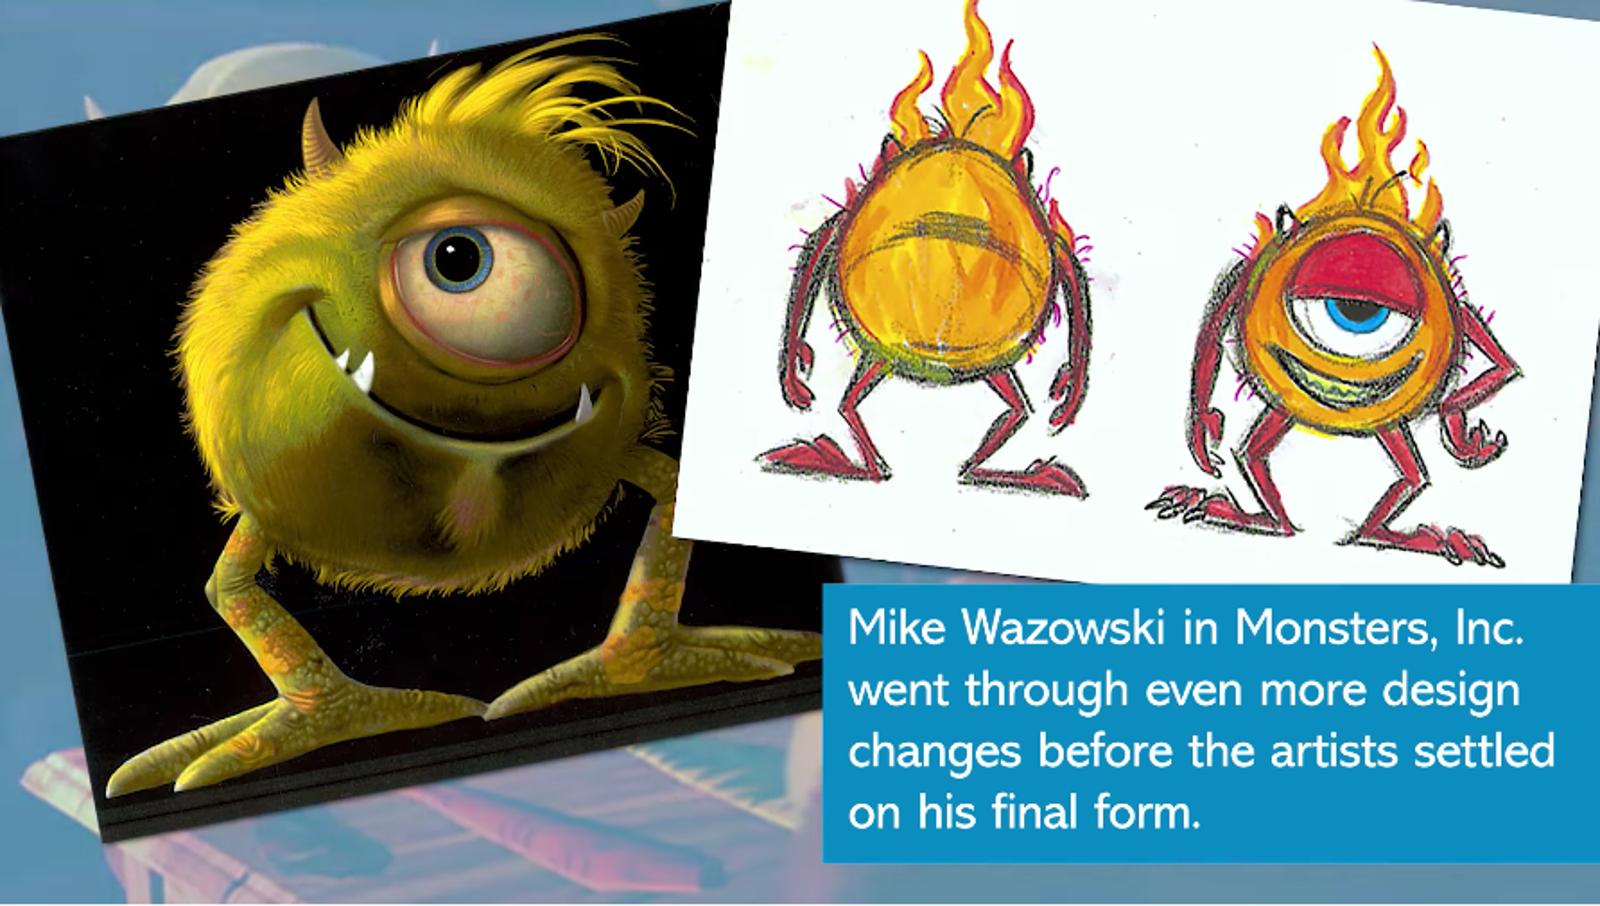 Algunos de los diseños originales de Mike Wazowski en Monster, Inc.